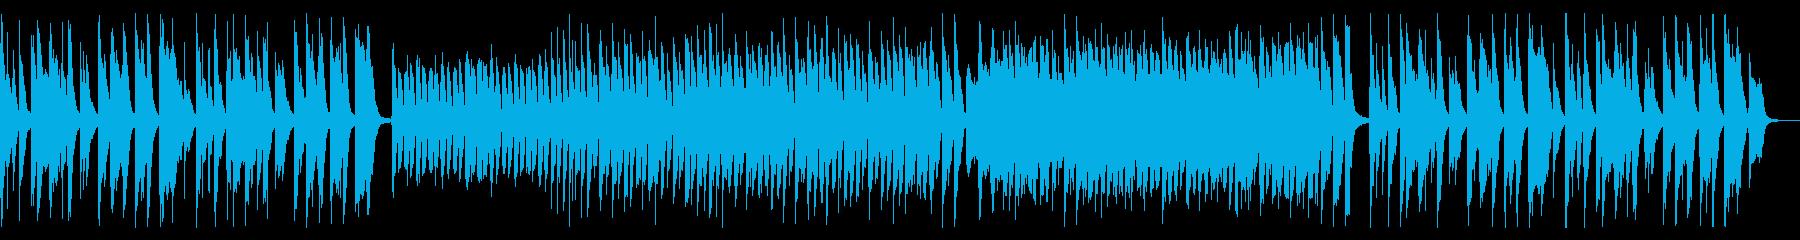 コミカルなクッキングBGMの再生済みの波形